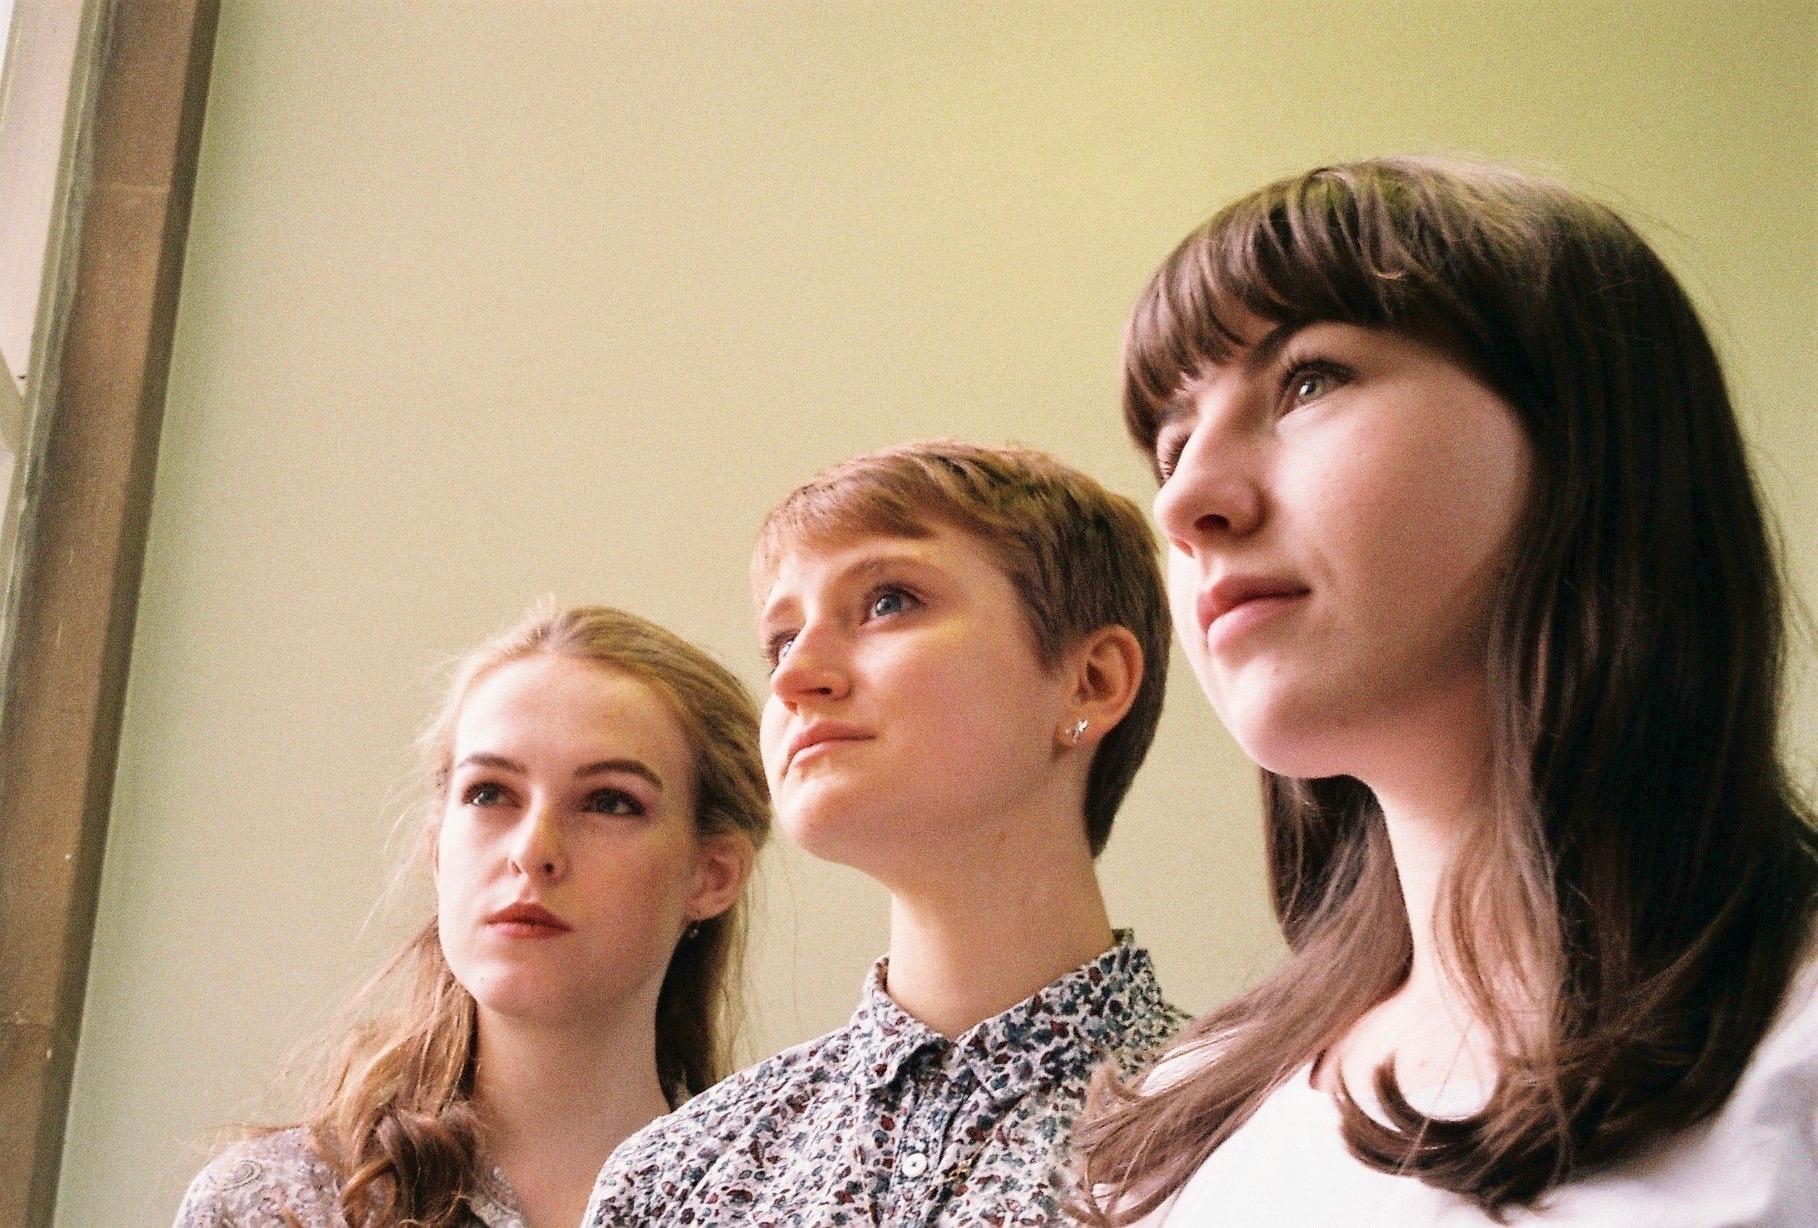 The cast: Grace England, Ashleigh Weir, Sarah Amy Taylor